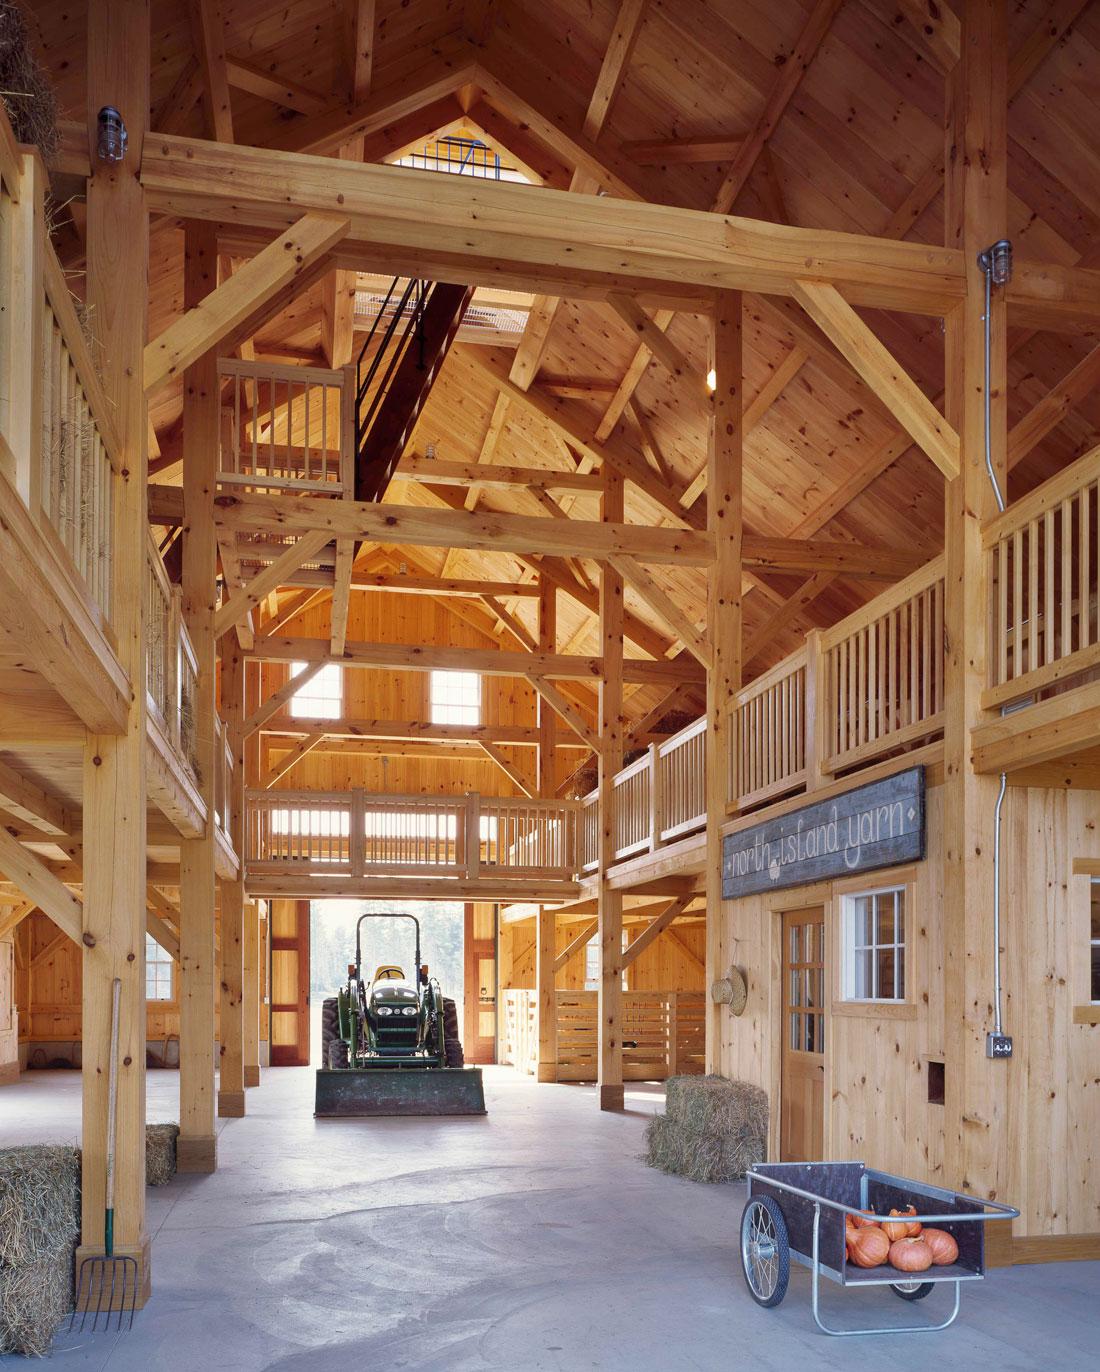 Houses And Barns Island Farm Houses And Barns